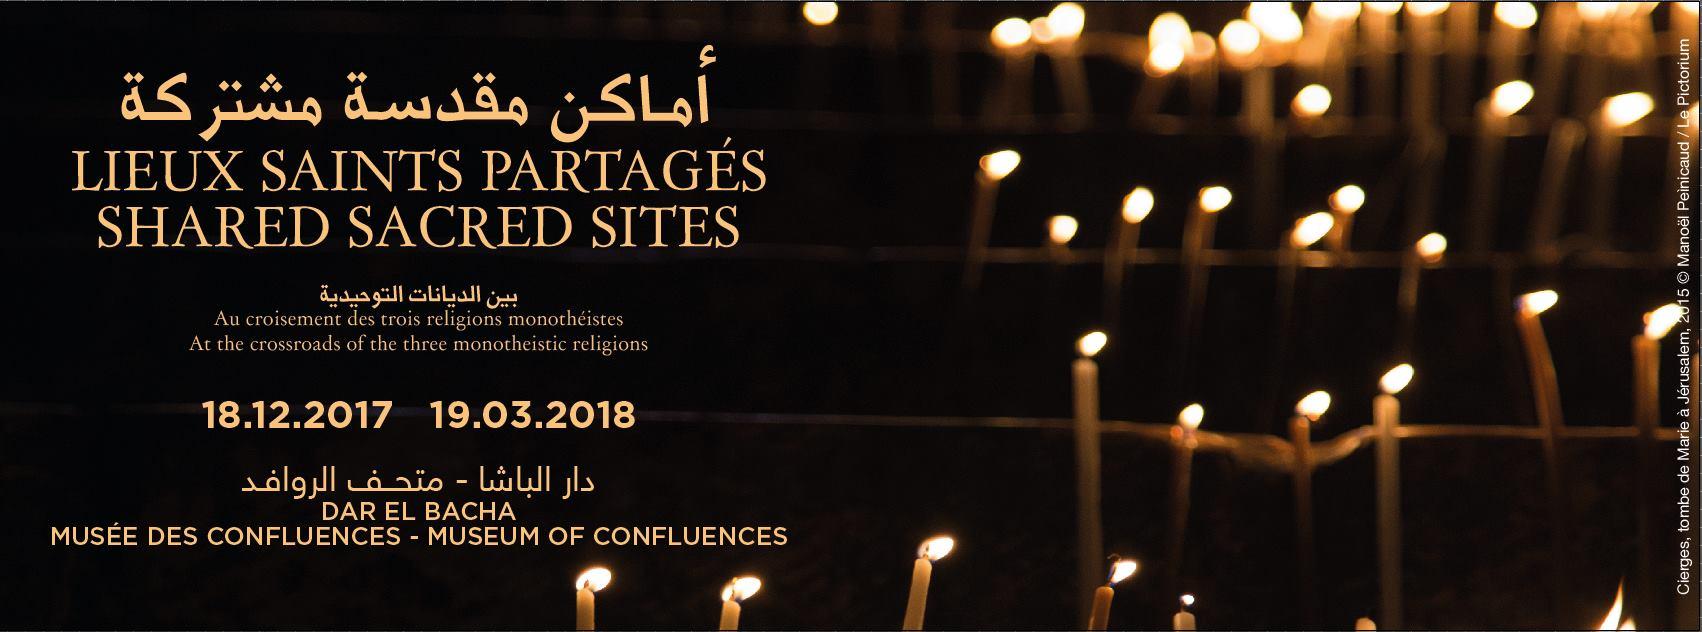 dar el bacha musee confluences marrakech lieux saints